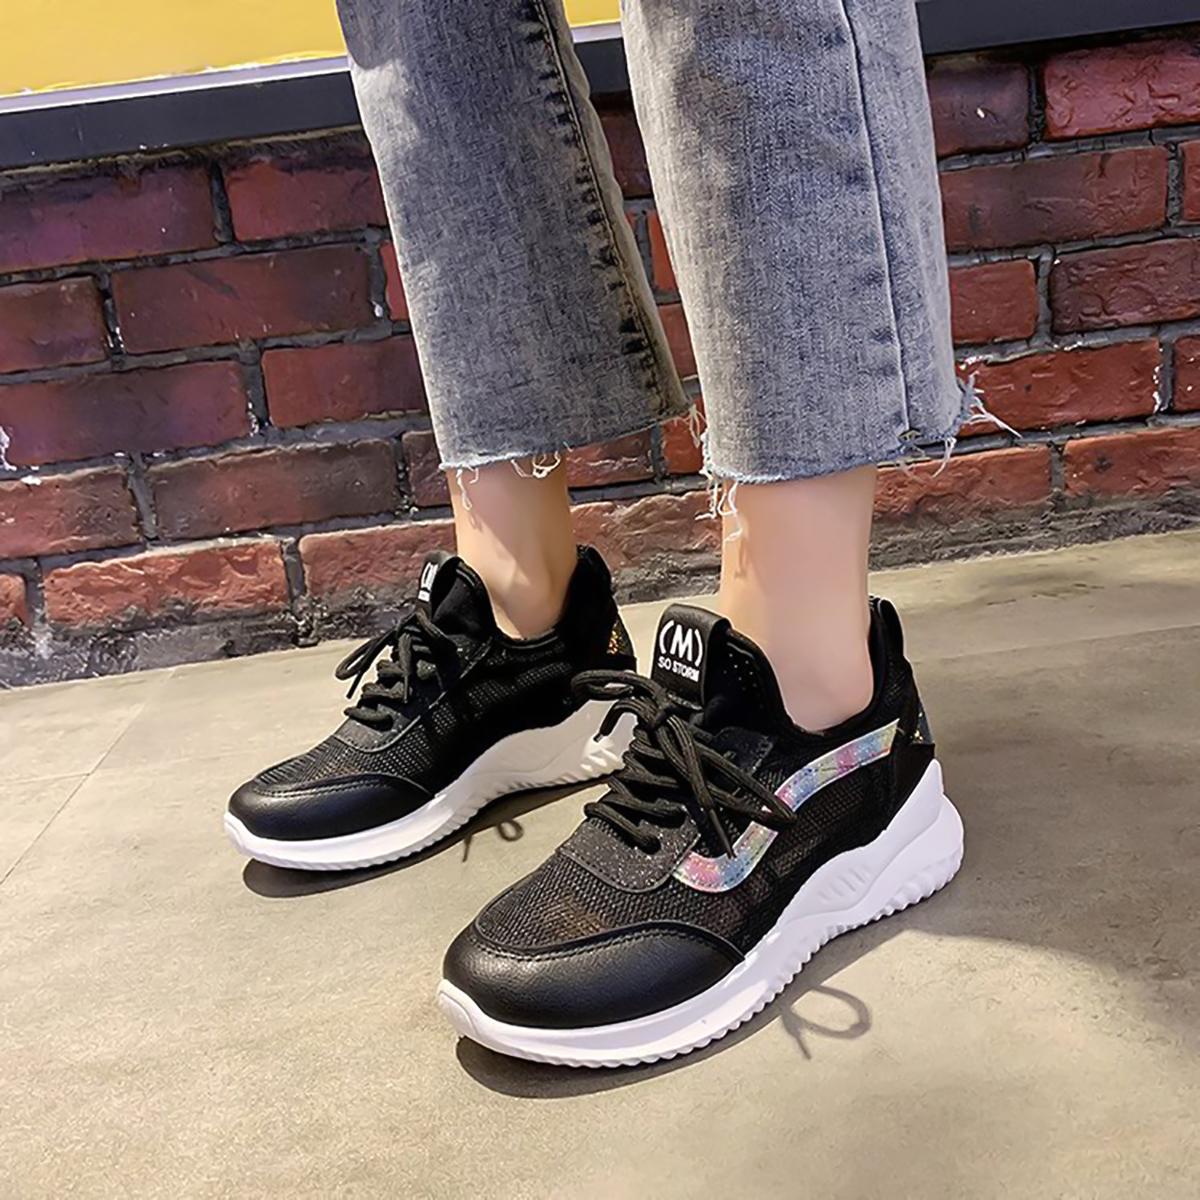 女鞋网面透气运动鞋2020春季新款系带小白鞋女士老爹鞋休闲运动鞋